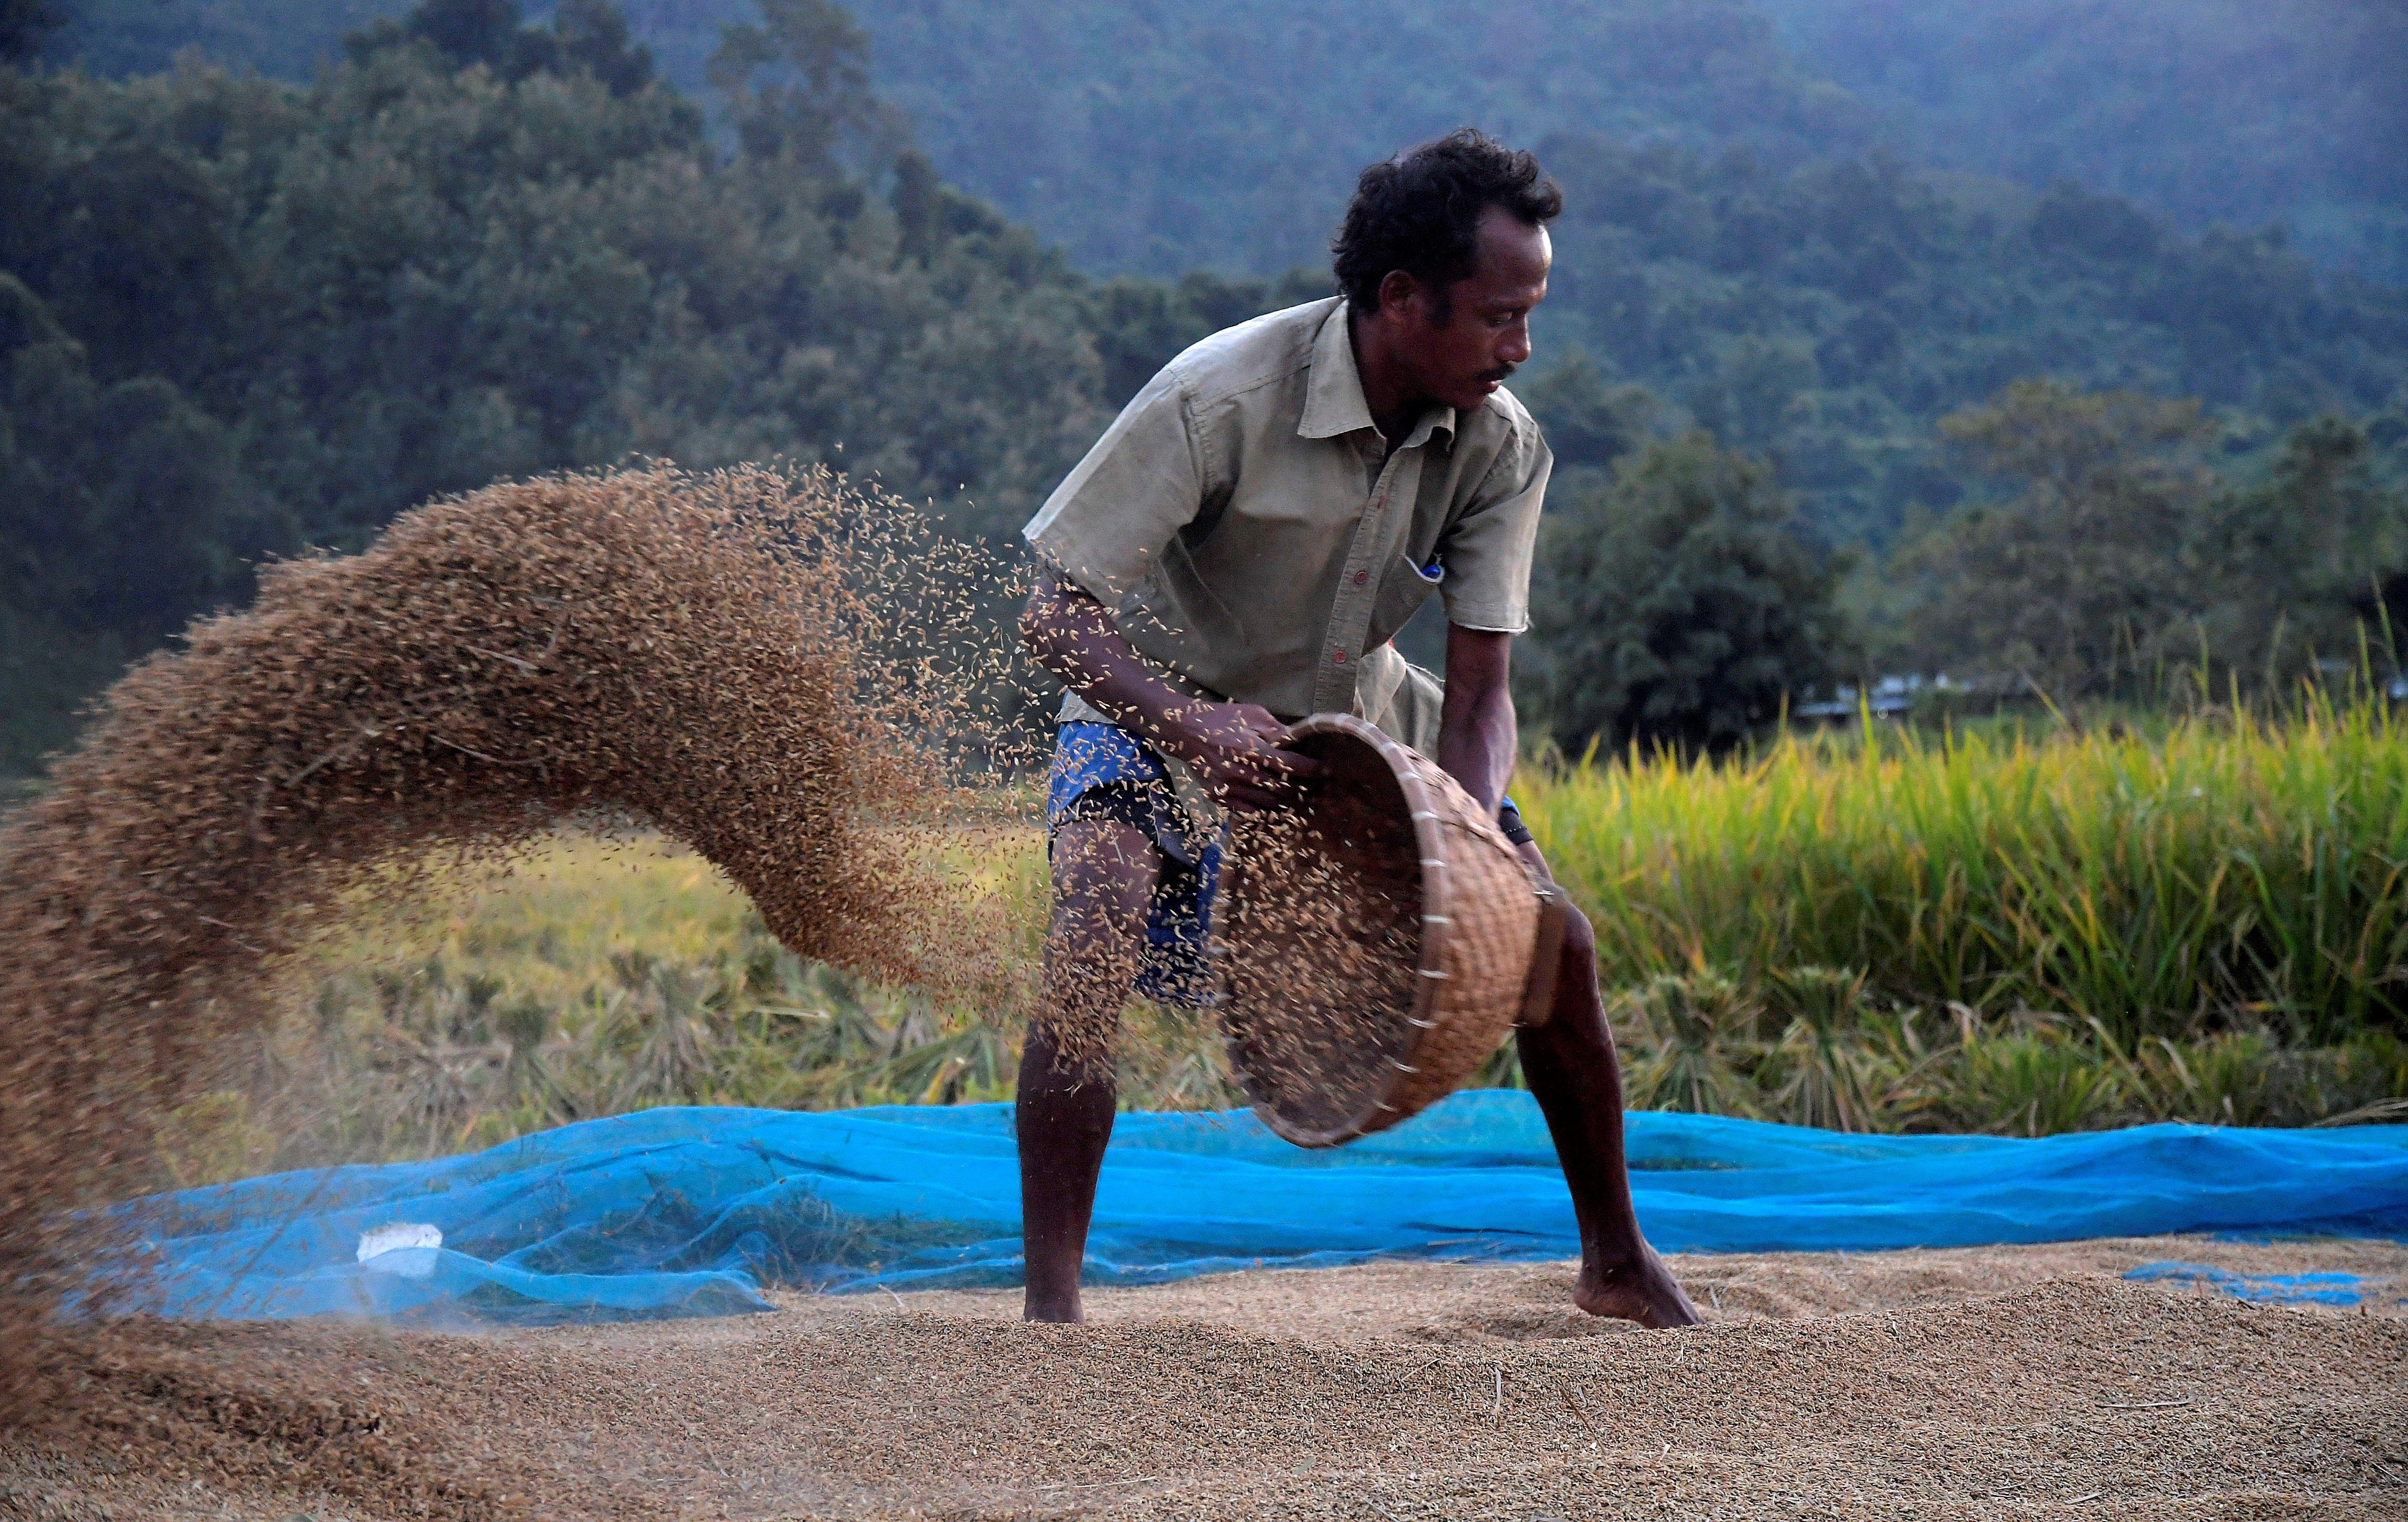 Un agricultor recol·lecta arròs a Kamrup, a l'estat d'Assam (Índia). Aquest any han augmentat els incidents amb elefants salvatges, que emigren a zones poblades a causa de l'escassetat d'aliments i la invasió il·legal d'àrees forestals protegides. /STR